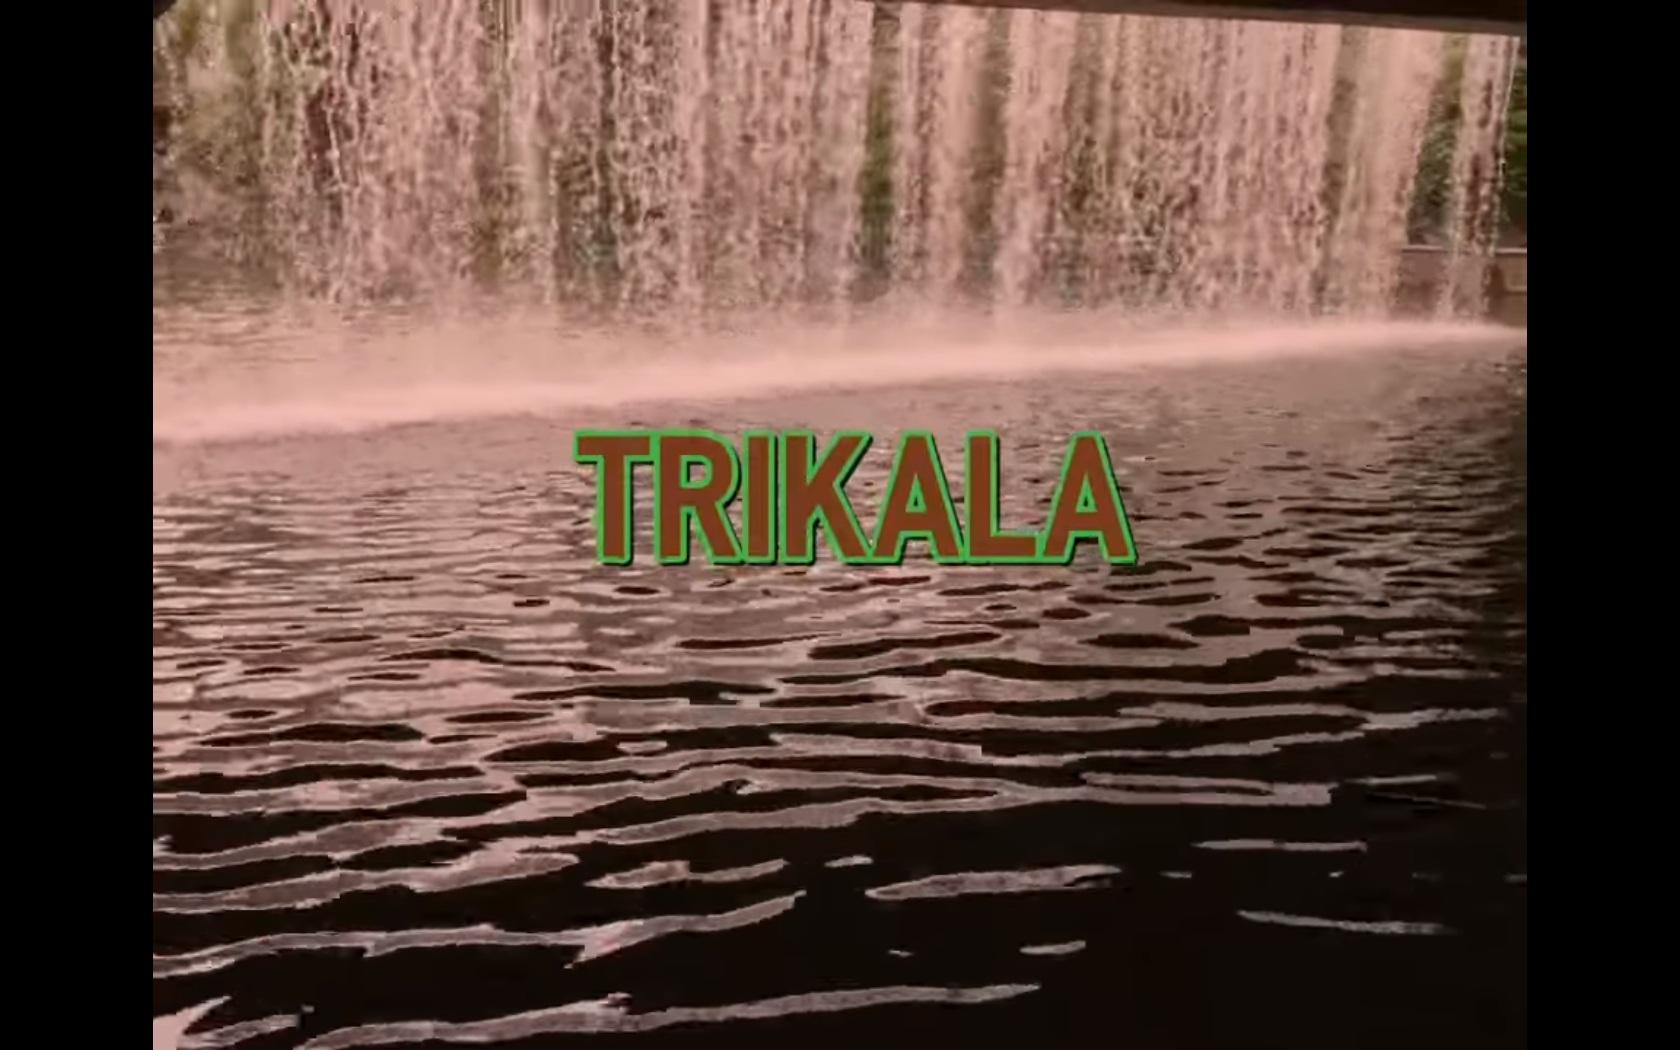 Ναι, δεν έχετε πάρει LSD, αυτό είναι το Twin Peaks αλλά γυρισμένο στα Τρίκαλα